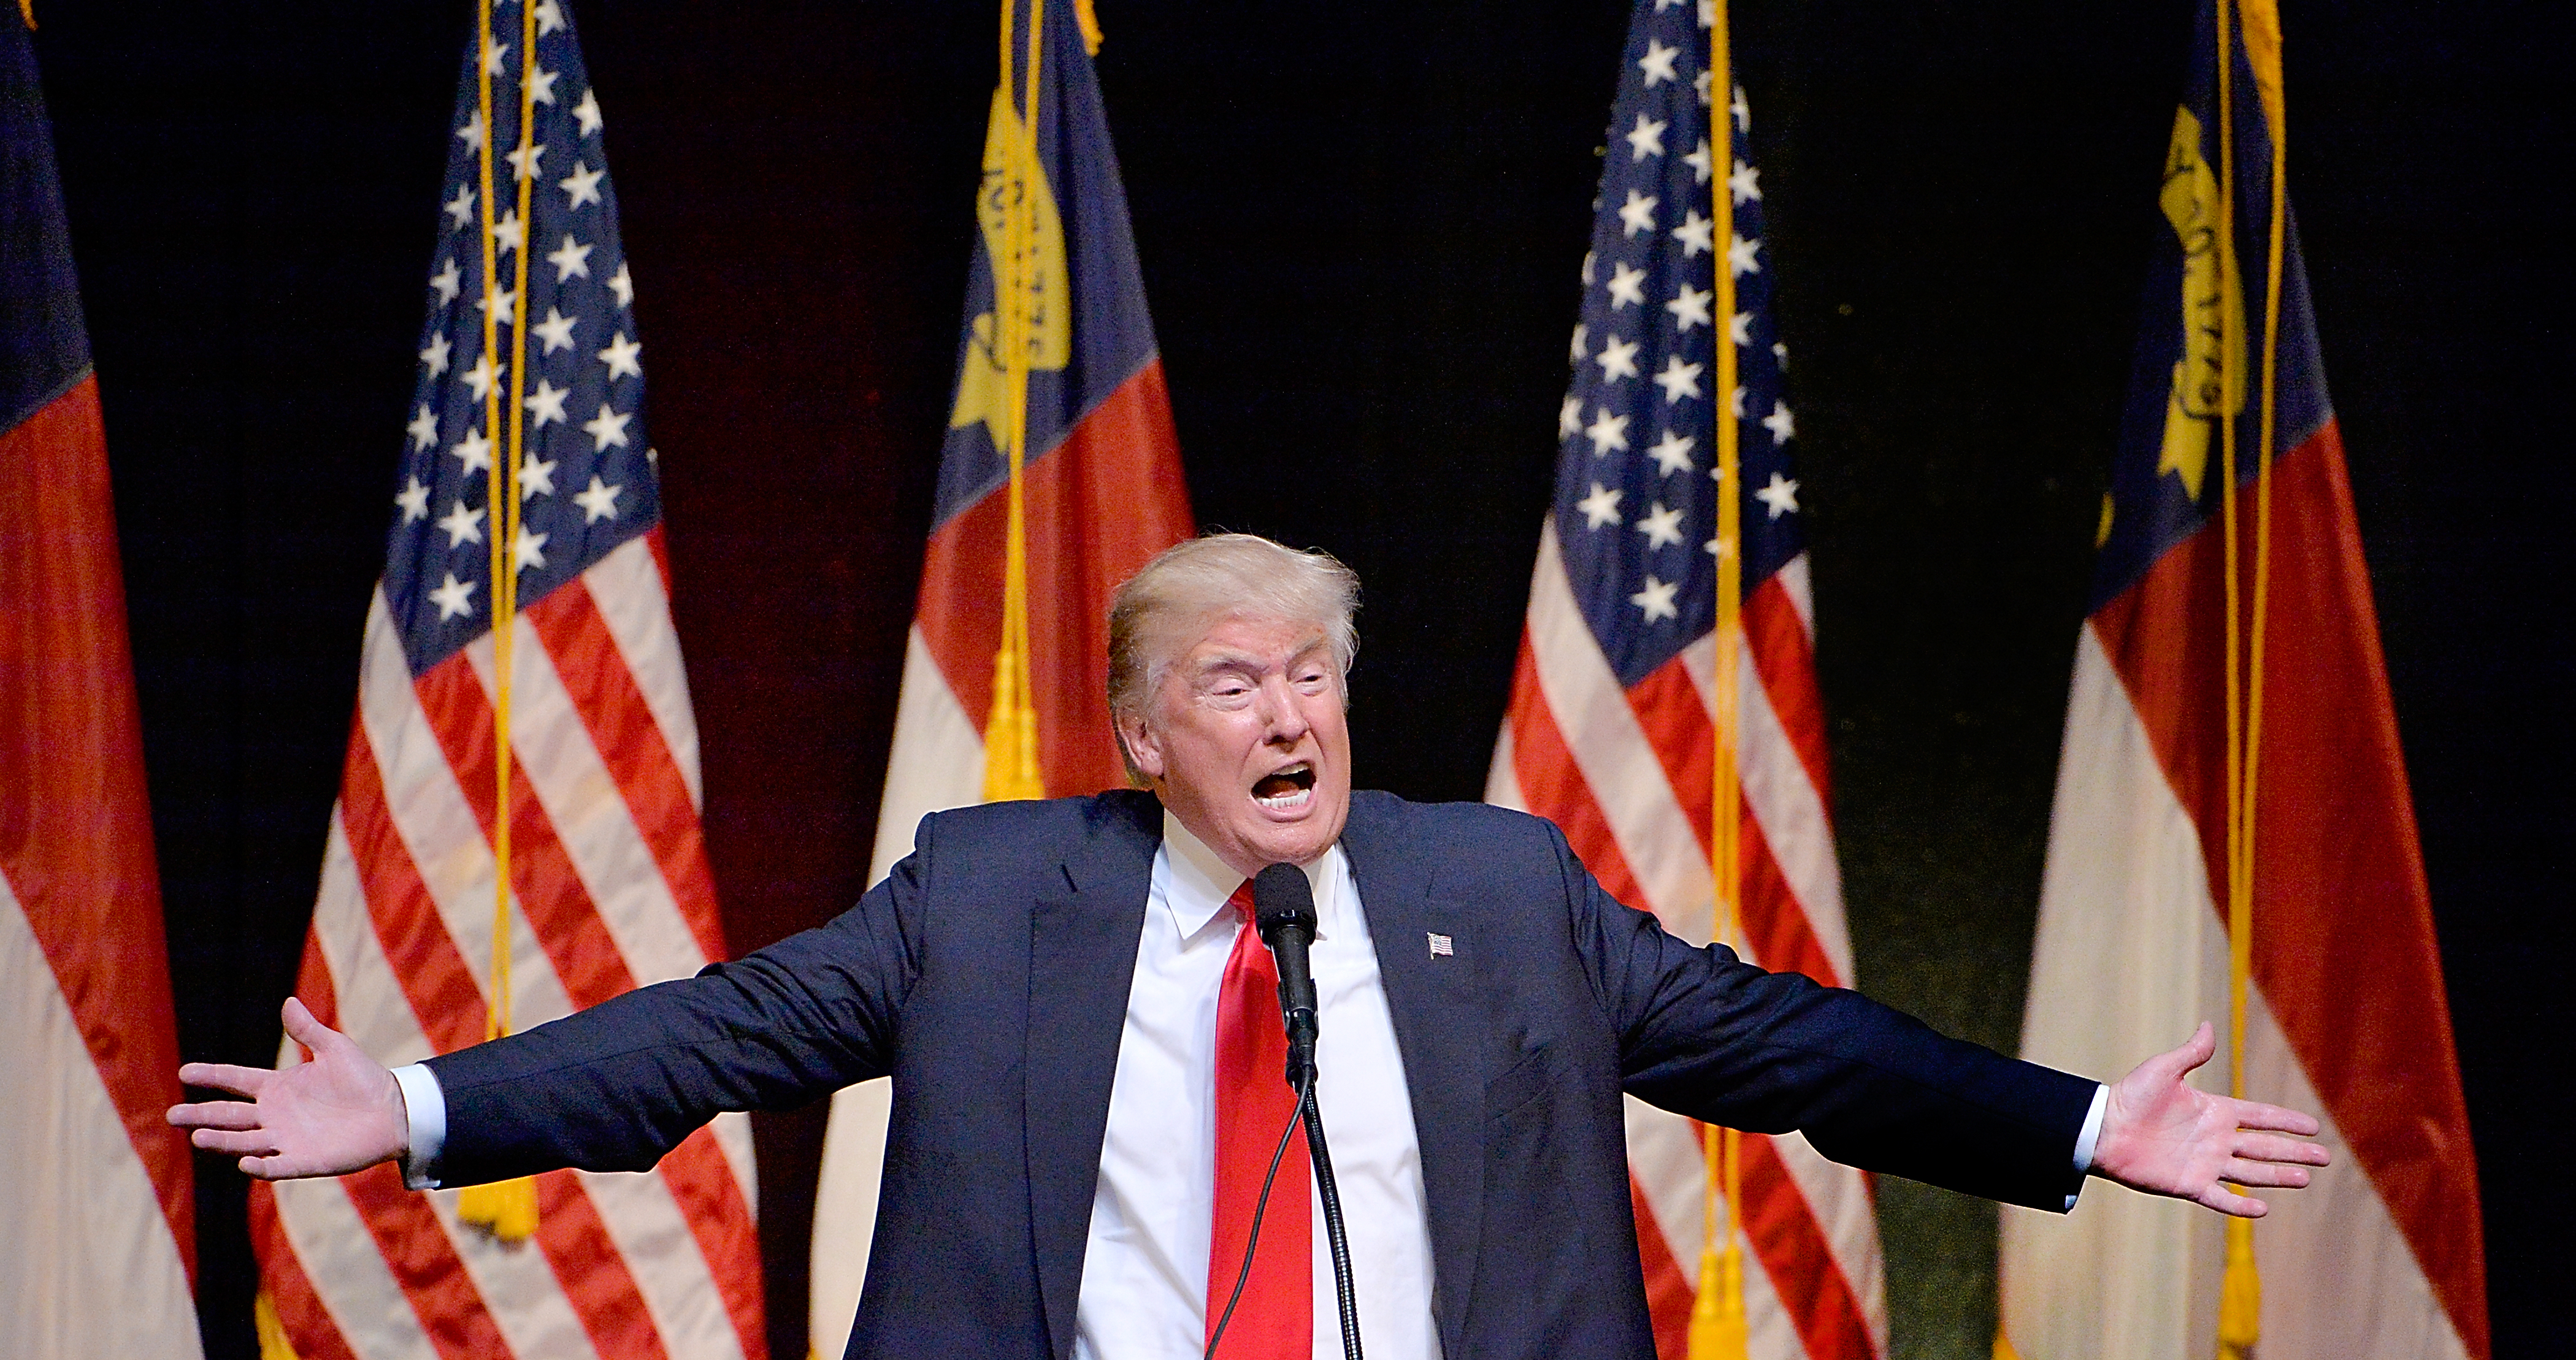 Trump, roughly: Saddam Hussein was thiiiiiiiiis good at killing terrorists.